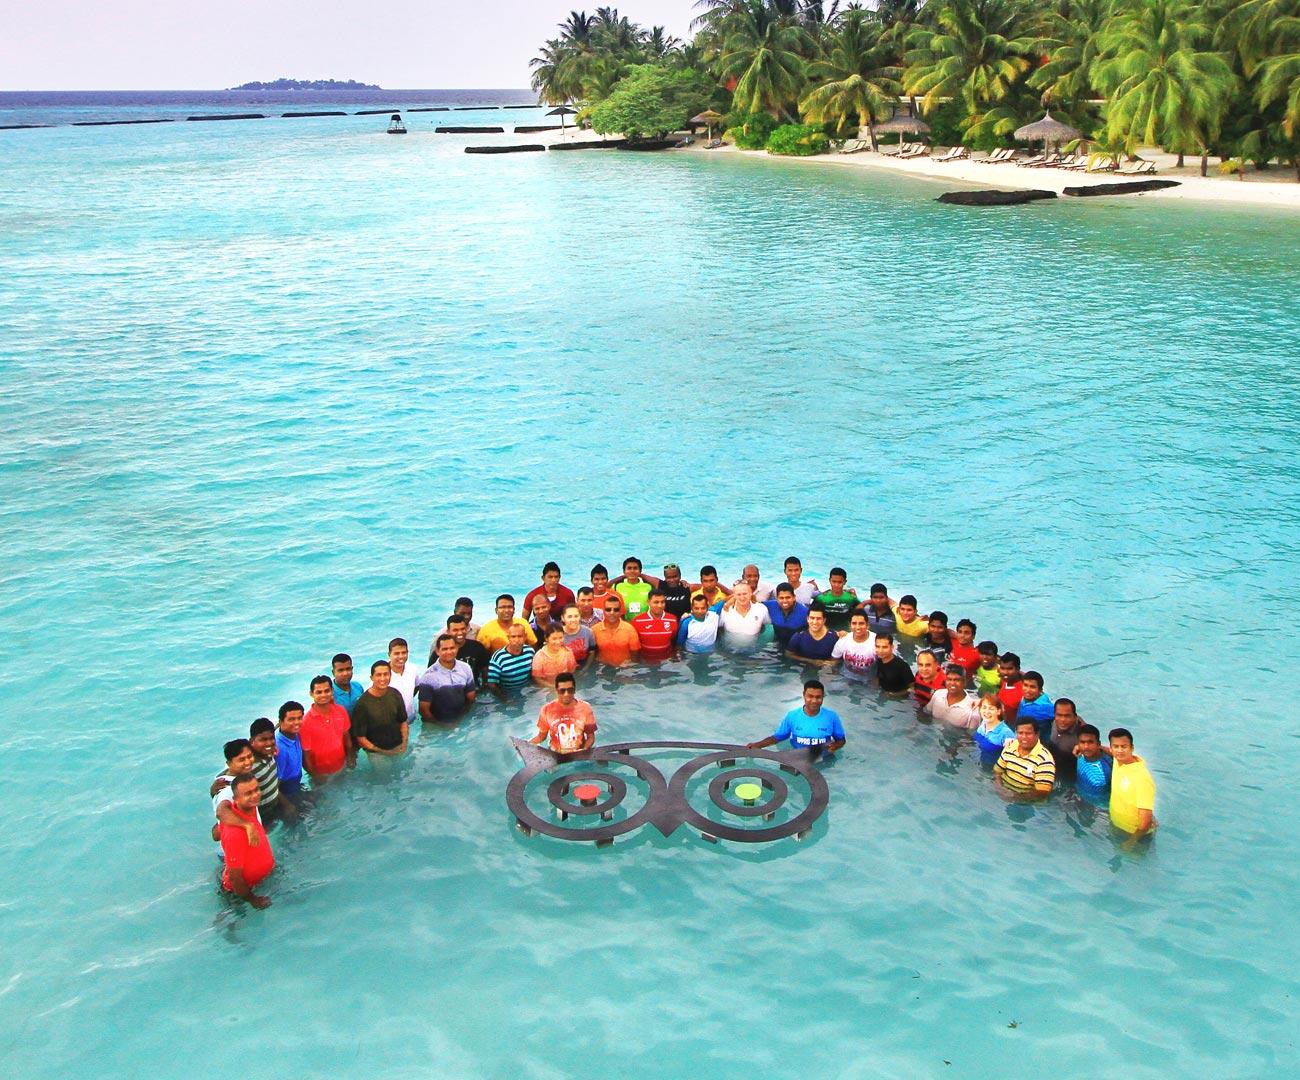 روعه السفر الي جزر المالديف مع الاطفال (1)